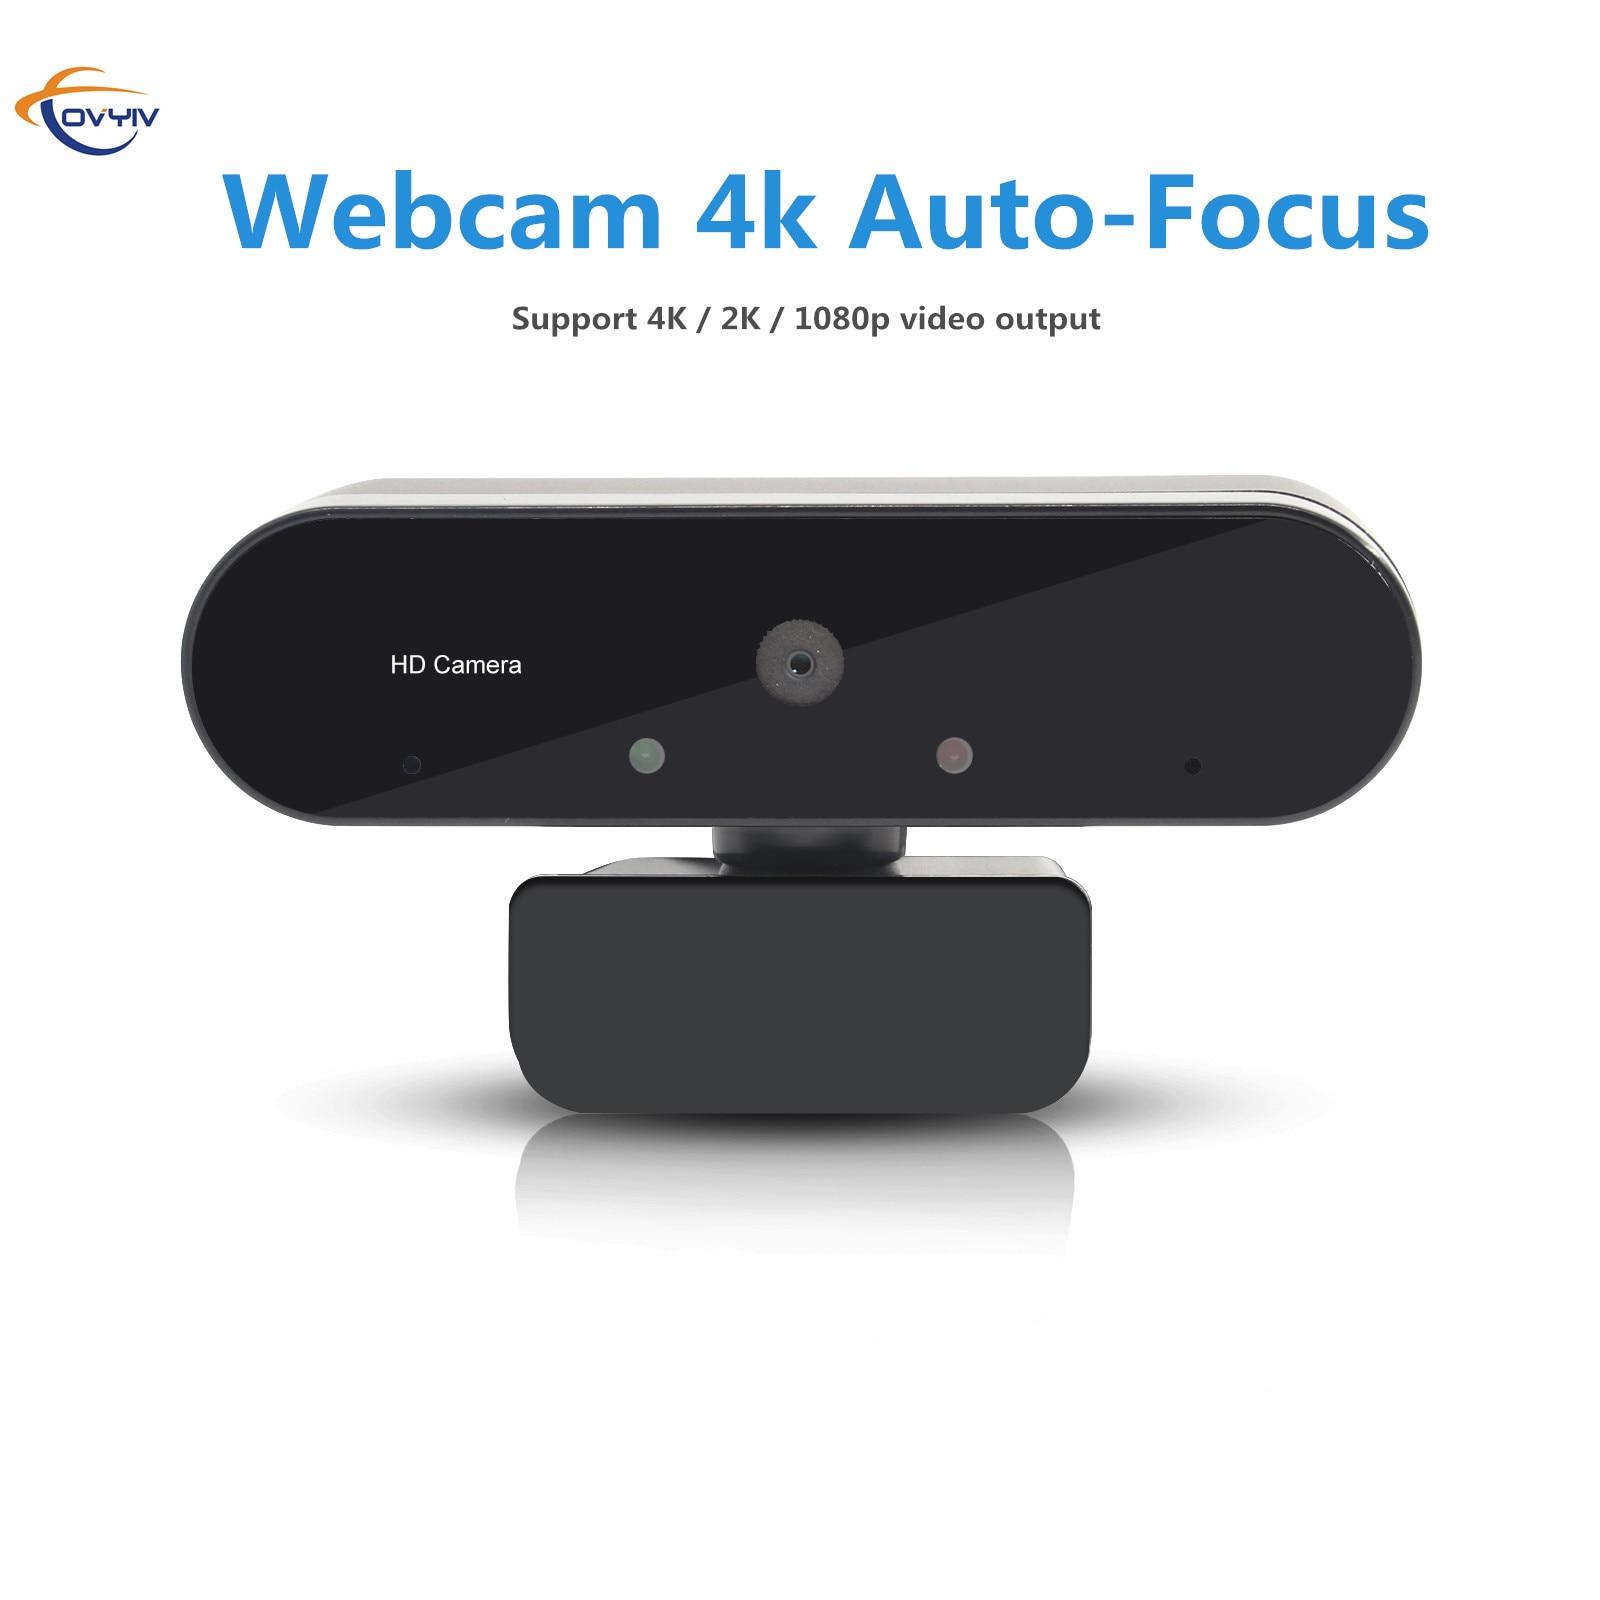 COVYIV 4K камера 1080p Автофокус веб-камера USB веб-камера Камера для компьютера MAC ноутбука офисном встречи С микрофоном 4K / 2K